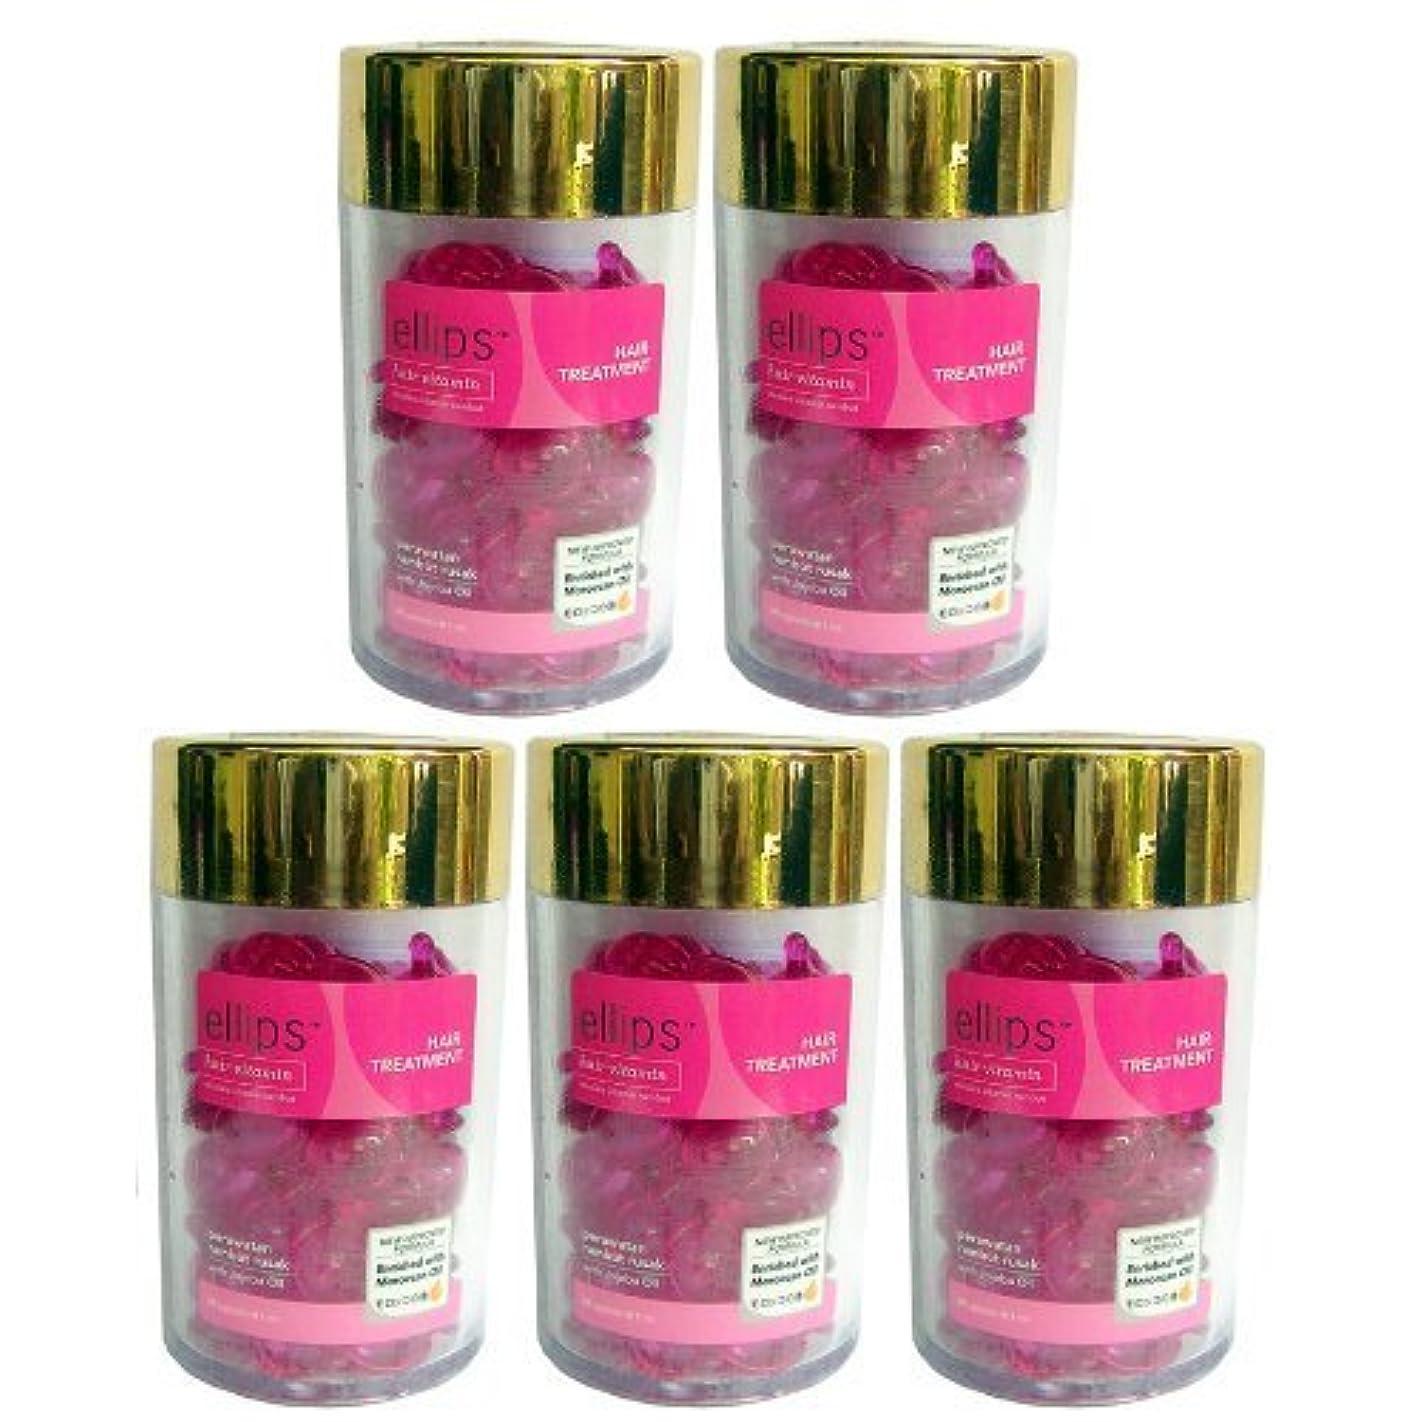 名前を作るゴネリル対話エリップス ellips ヘアビタミン洗い流さないヘアトリートメント(並行輸入品) (ピンク5本)